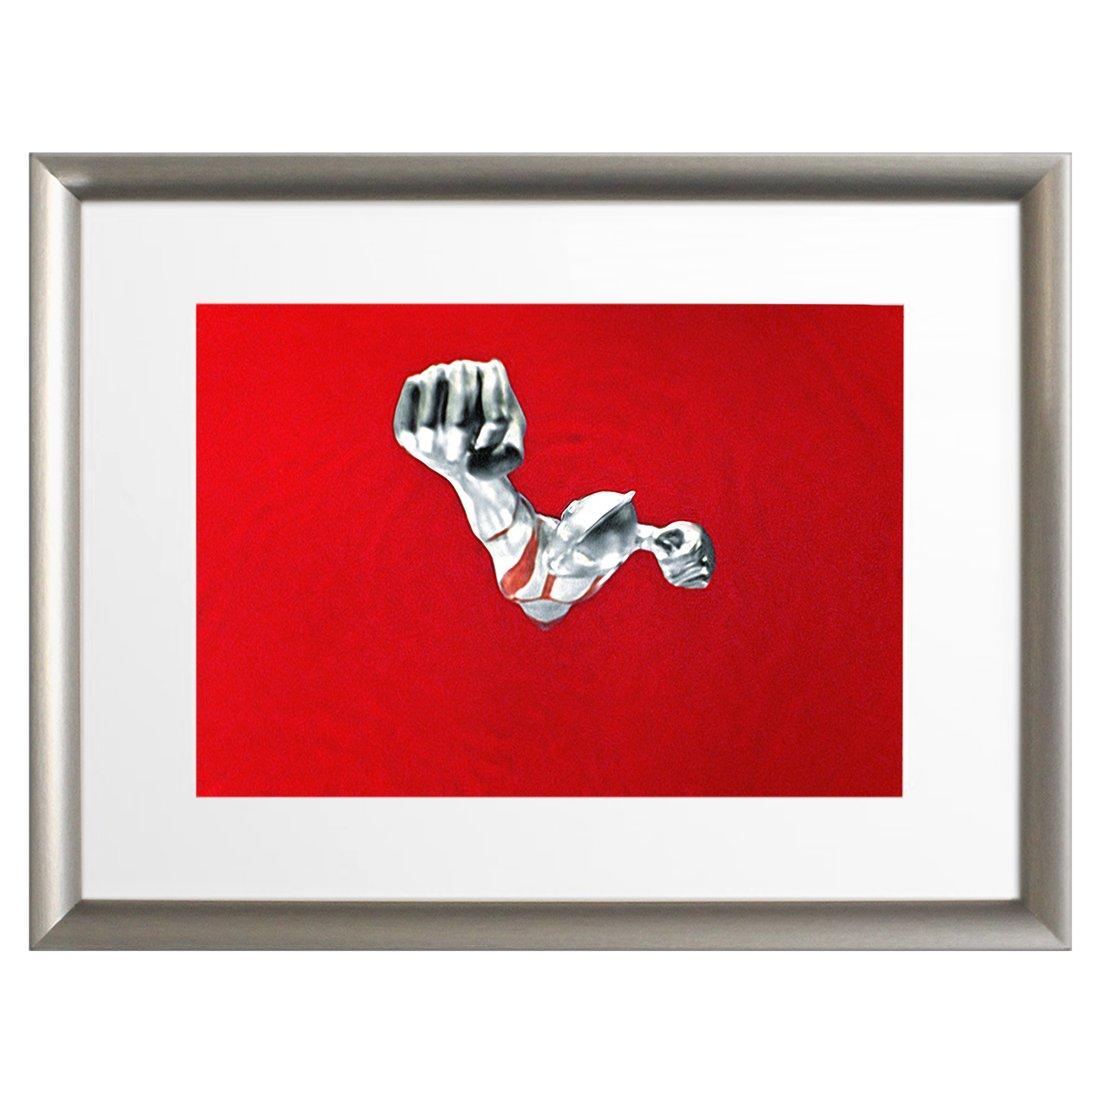 ウルトラ百景 ウルトラマン Best Scene 100 アートポスター (アートフレーム 付) 43×33cm ウルトラマン登場! 9394 B0777GJ9Y8